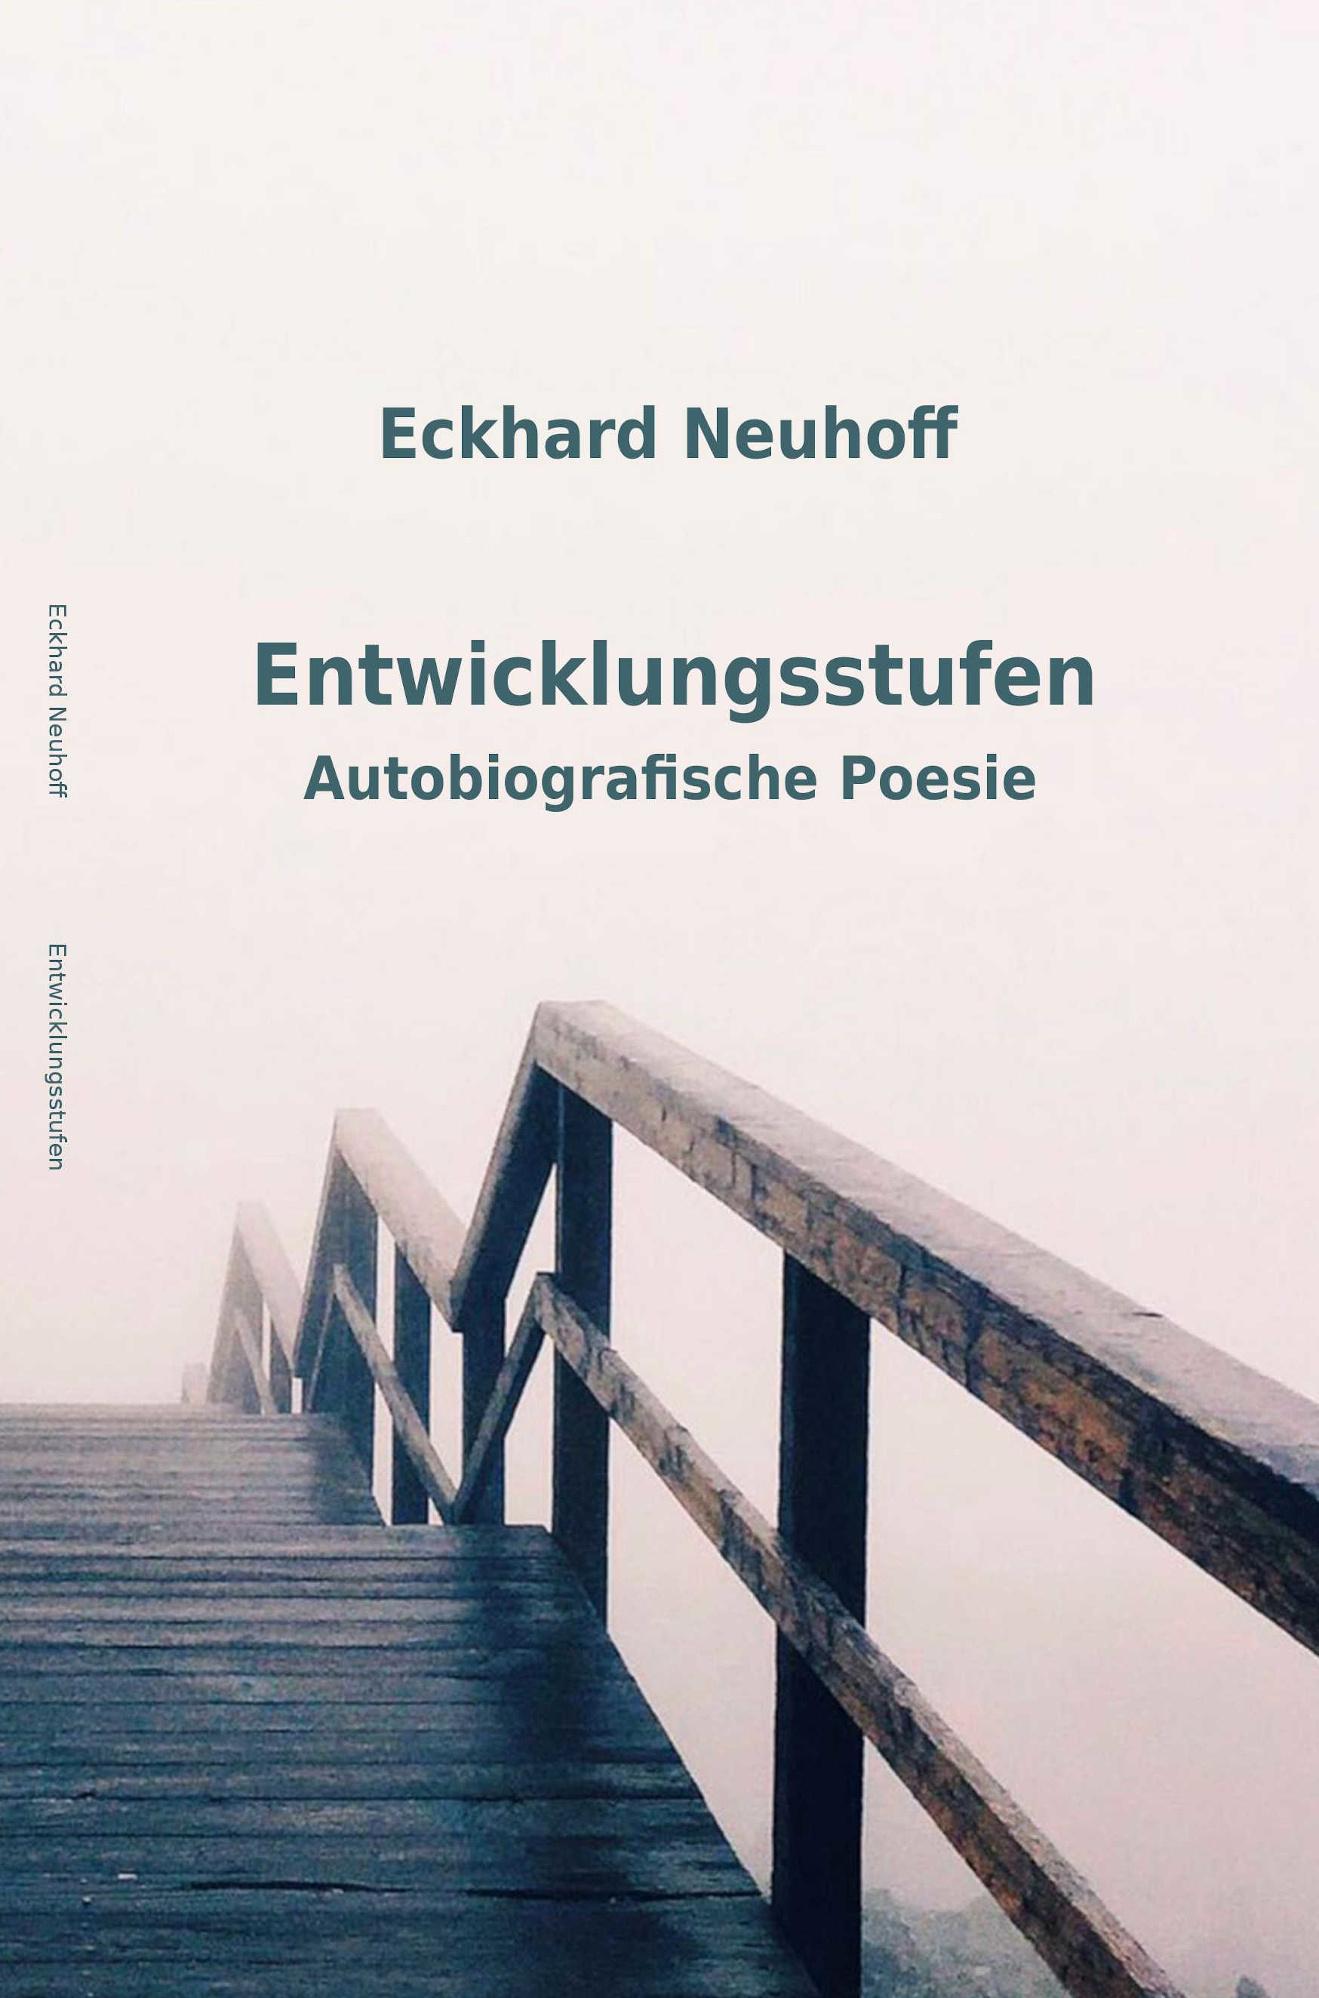 Eckhard Neuhoff: Entwicklungsstufen